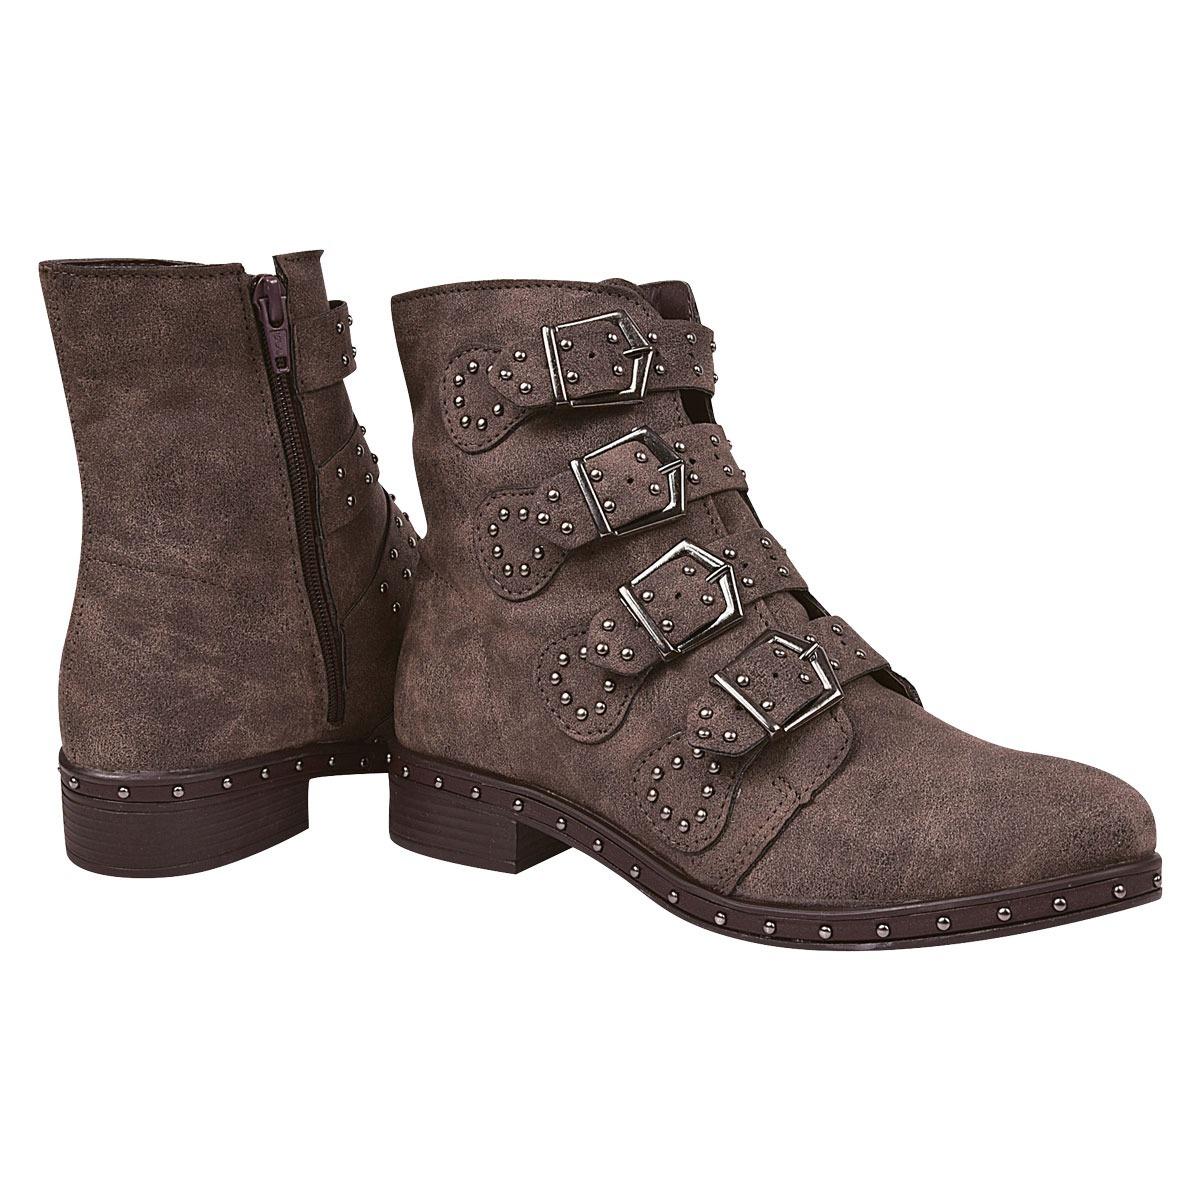 3e70f98019 coturno bota feminina cano curto full 02041448. Carregando zoom.